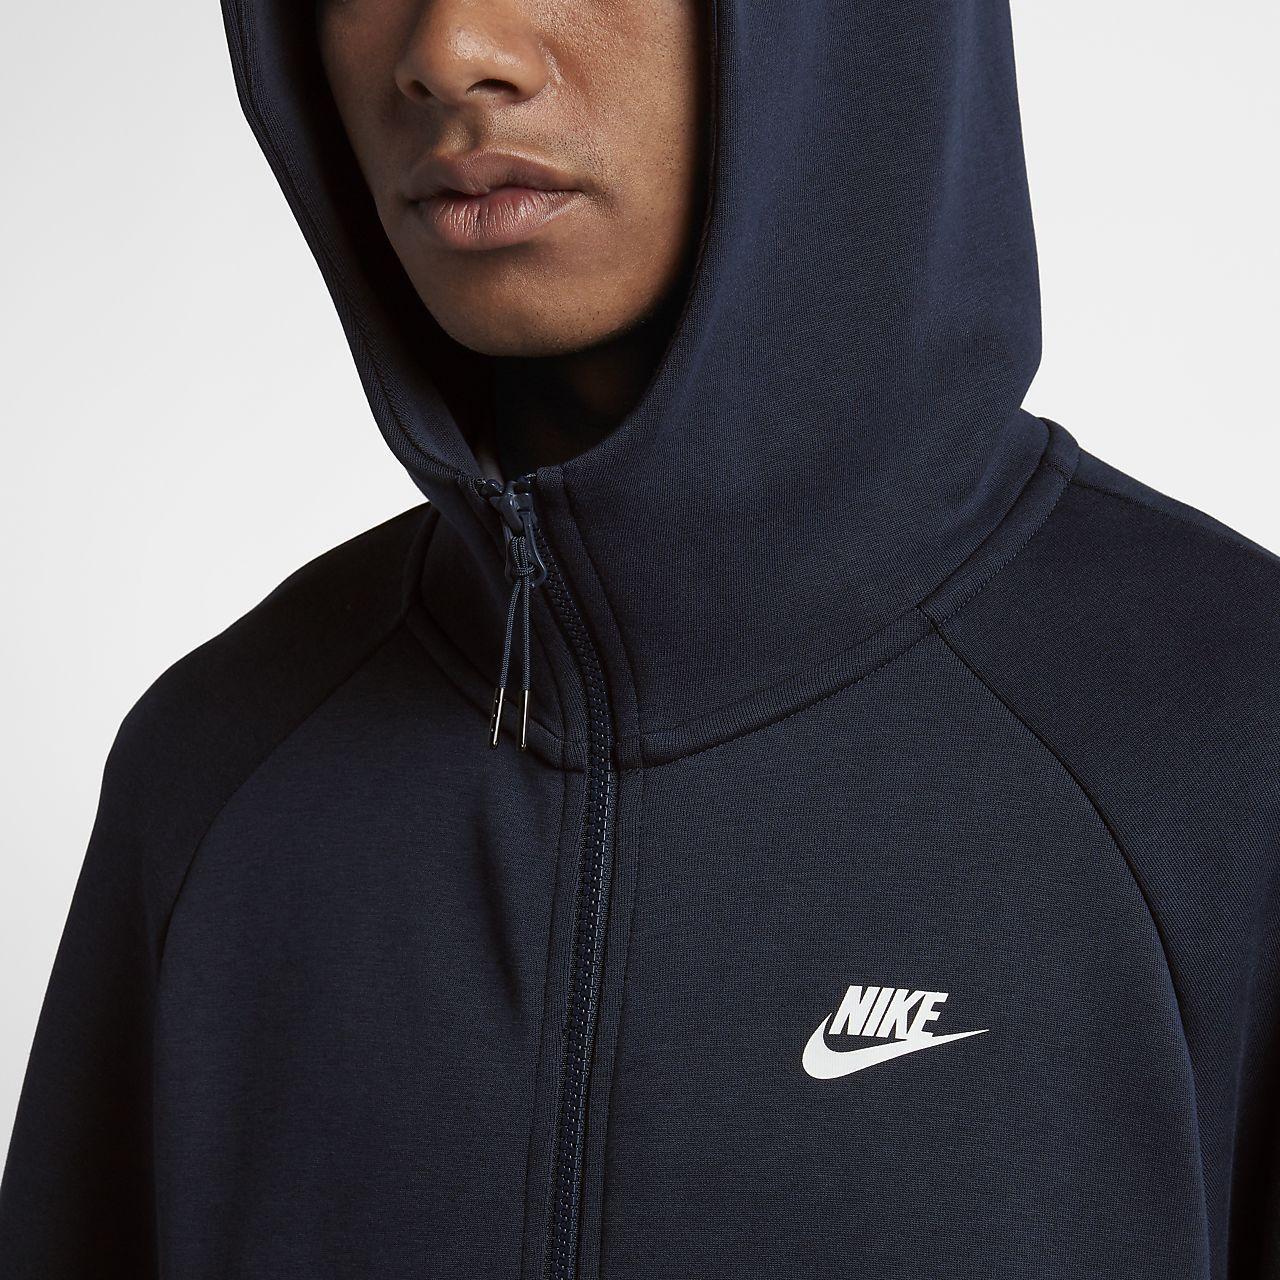 Nike Sportswear Tech Fleece Men S Full Zip Hoodie Nike Com Adidasclothes Nike Sportswear Tech Fleece Men S Full Z Tech Fleece Hoodie Nike Tech Fleece Hoodies [ 1280 x 1280 Pixel ]